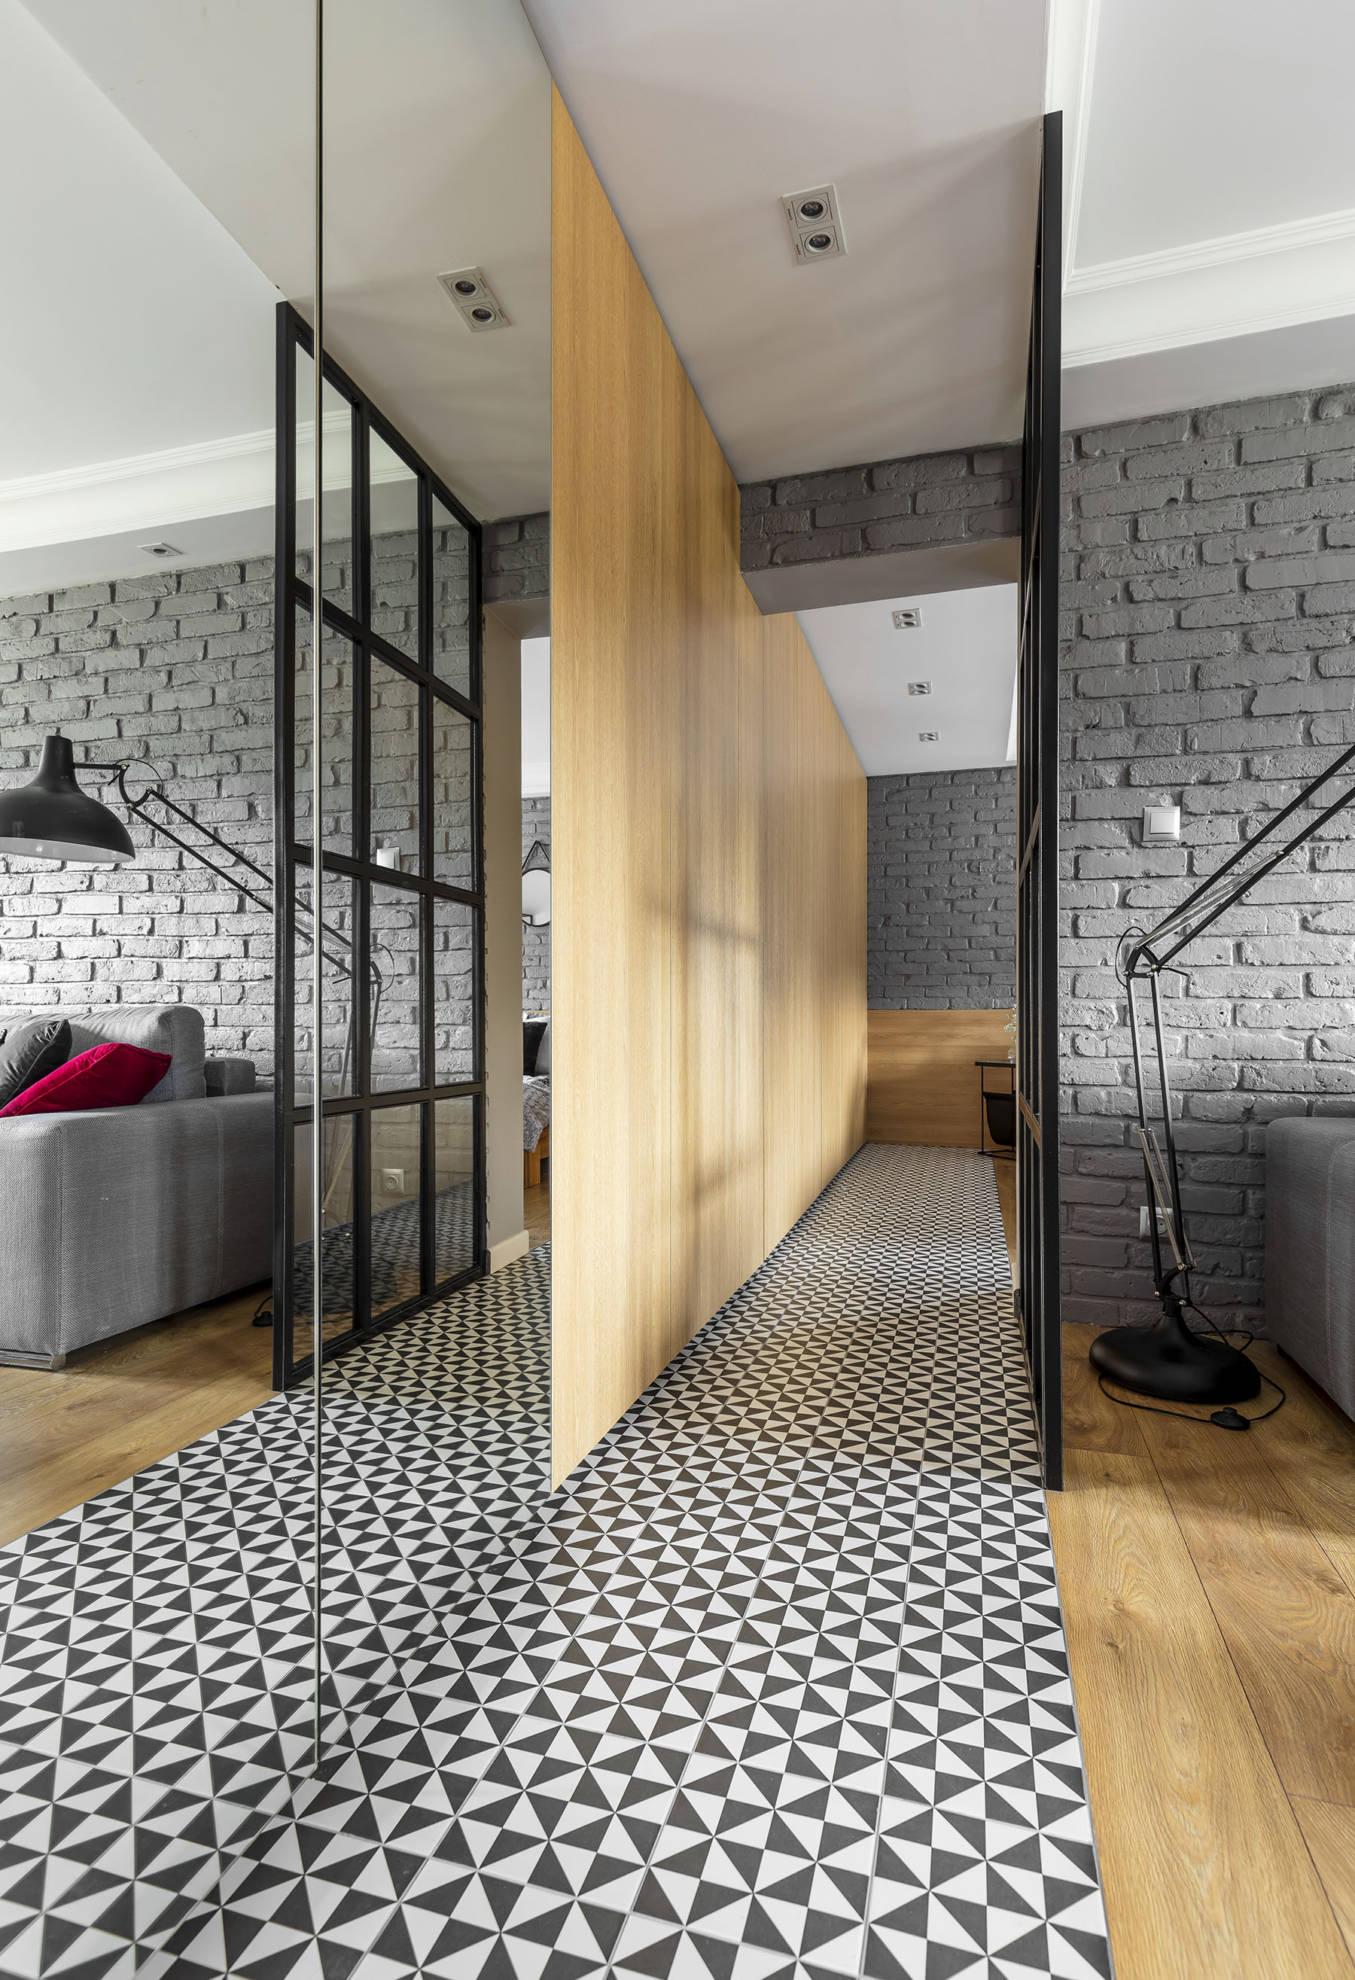 Aranżacja korytarza - meble w zabudowie wykonanie SAS Wnętrze i Kuchnie - projekt architekt wnętrz Emilia Strzempek Plasun.